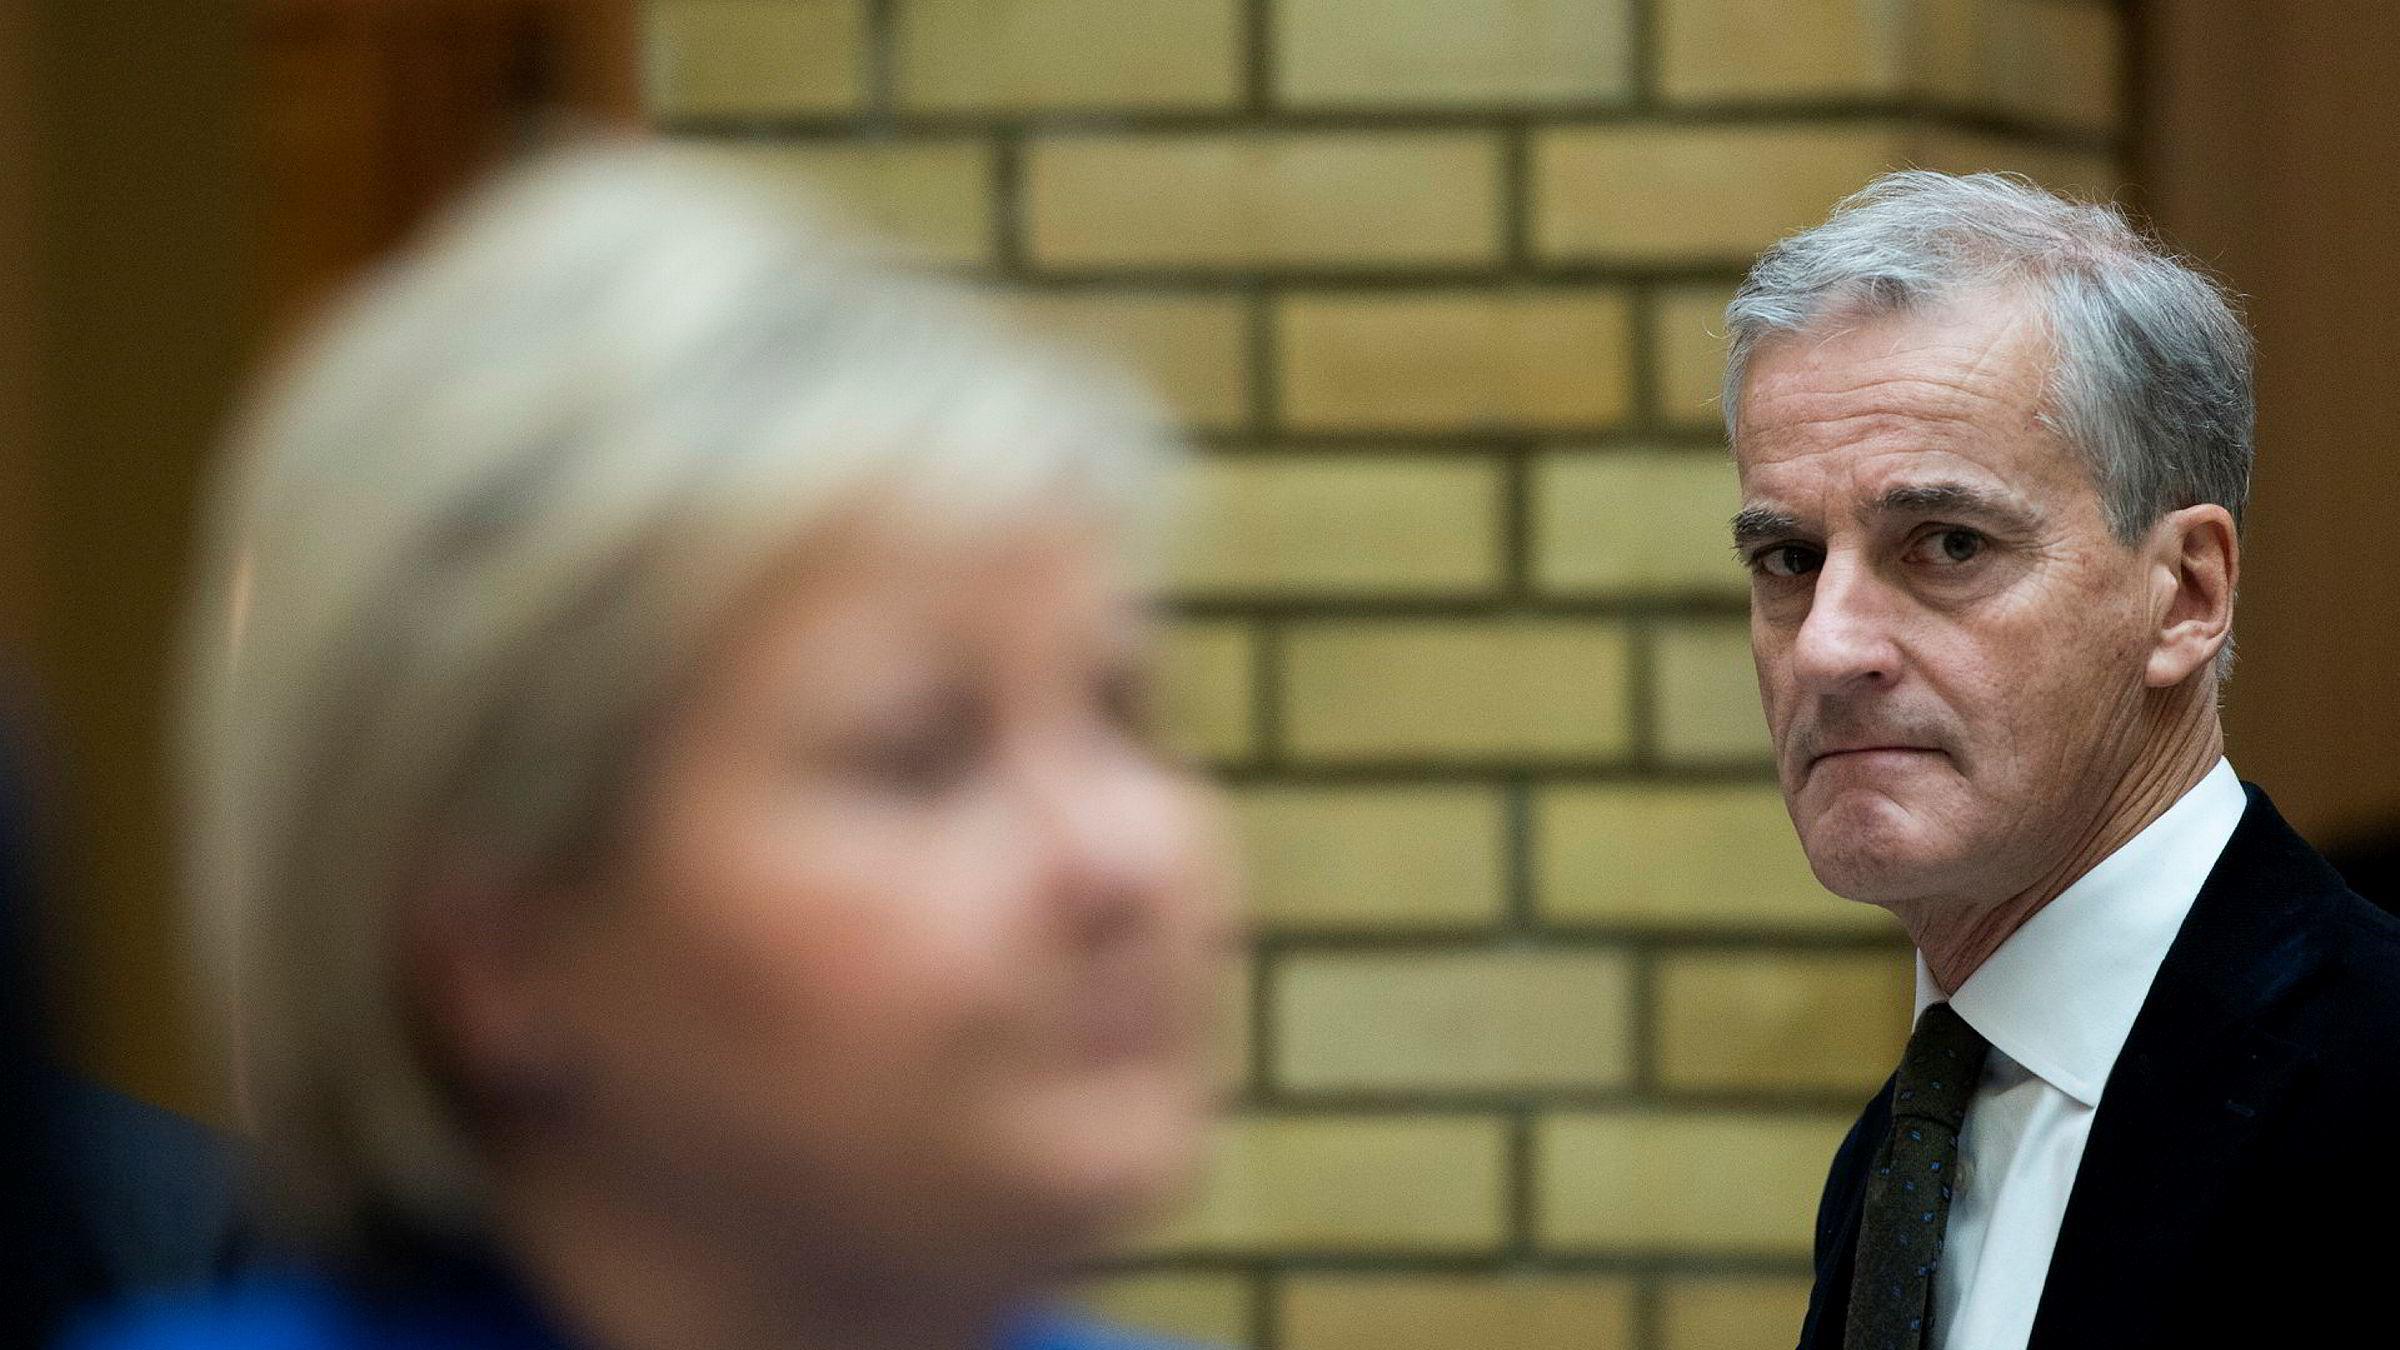 Ap-leder Jonas Gahr Støre mener at Oljefondet er et politisk redskap, og at det må tenkes nytt om hvordan fondet skal investere i en verden med klimakrise. Statsminister Erna Solberg (H) er uenig i at det er et «politisk redskap».